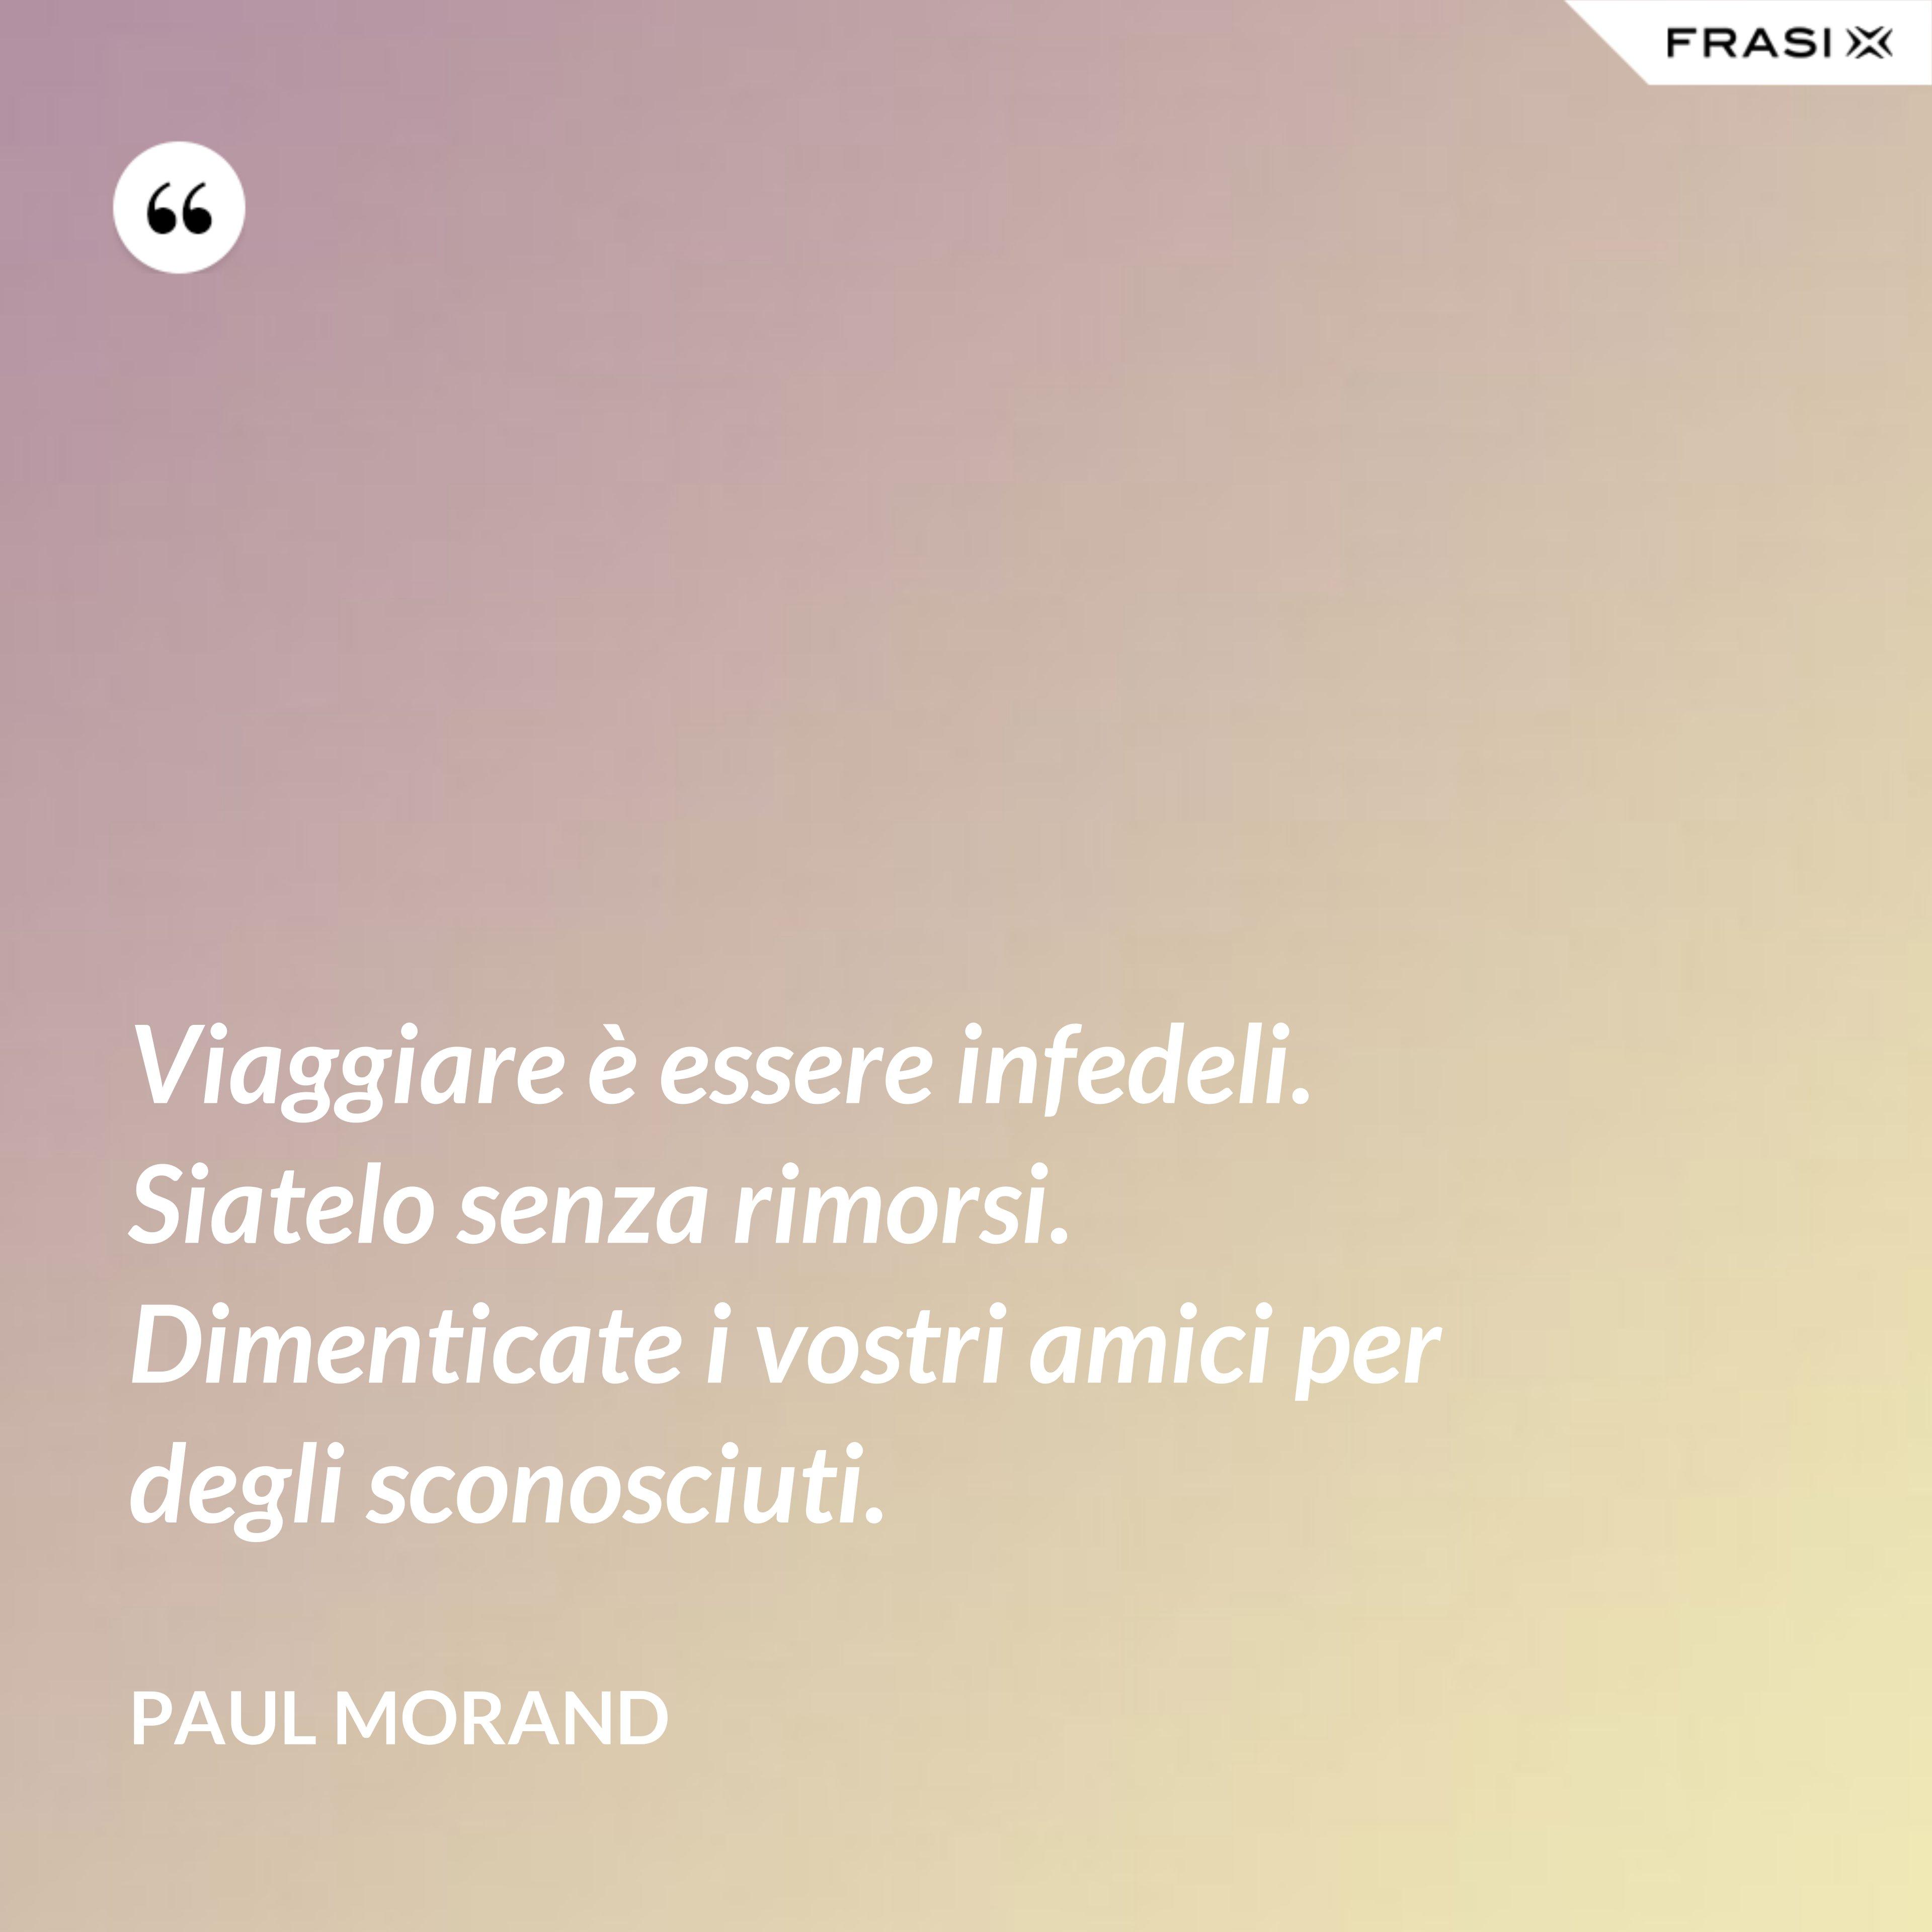 Viaggiare è essere infedeli. Siatelo senza rimorsi. Dimenticate i vostri amici per degli sconosciuti. - Paul Morand